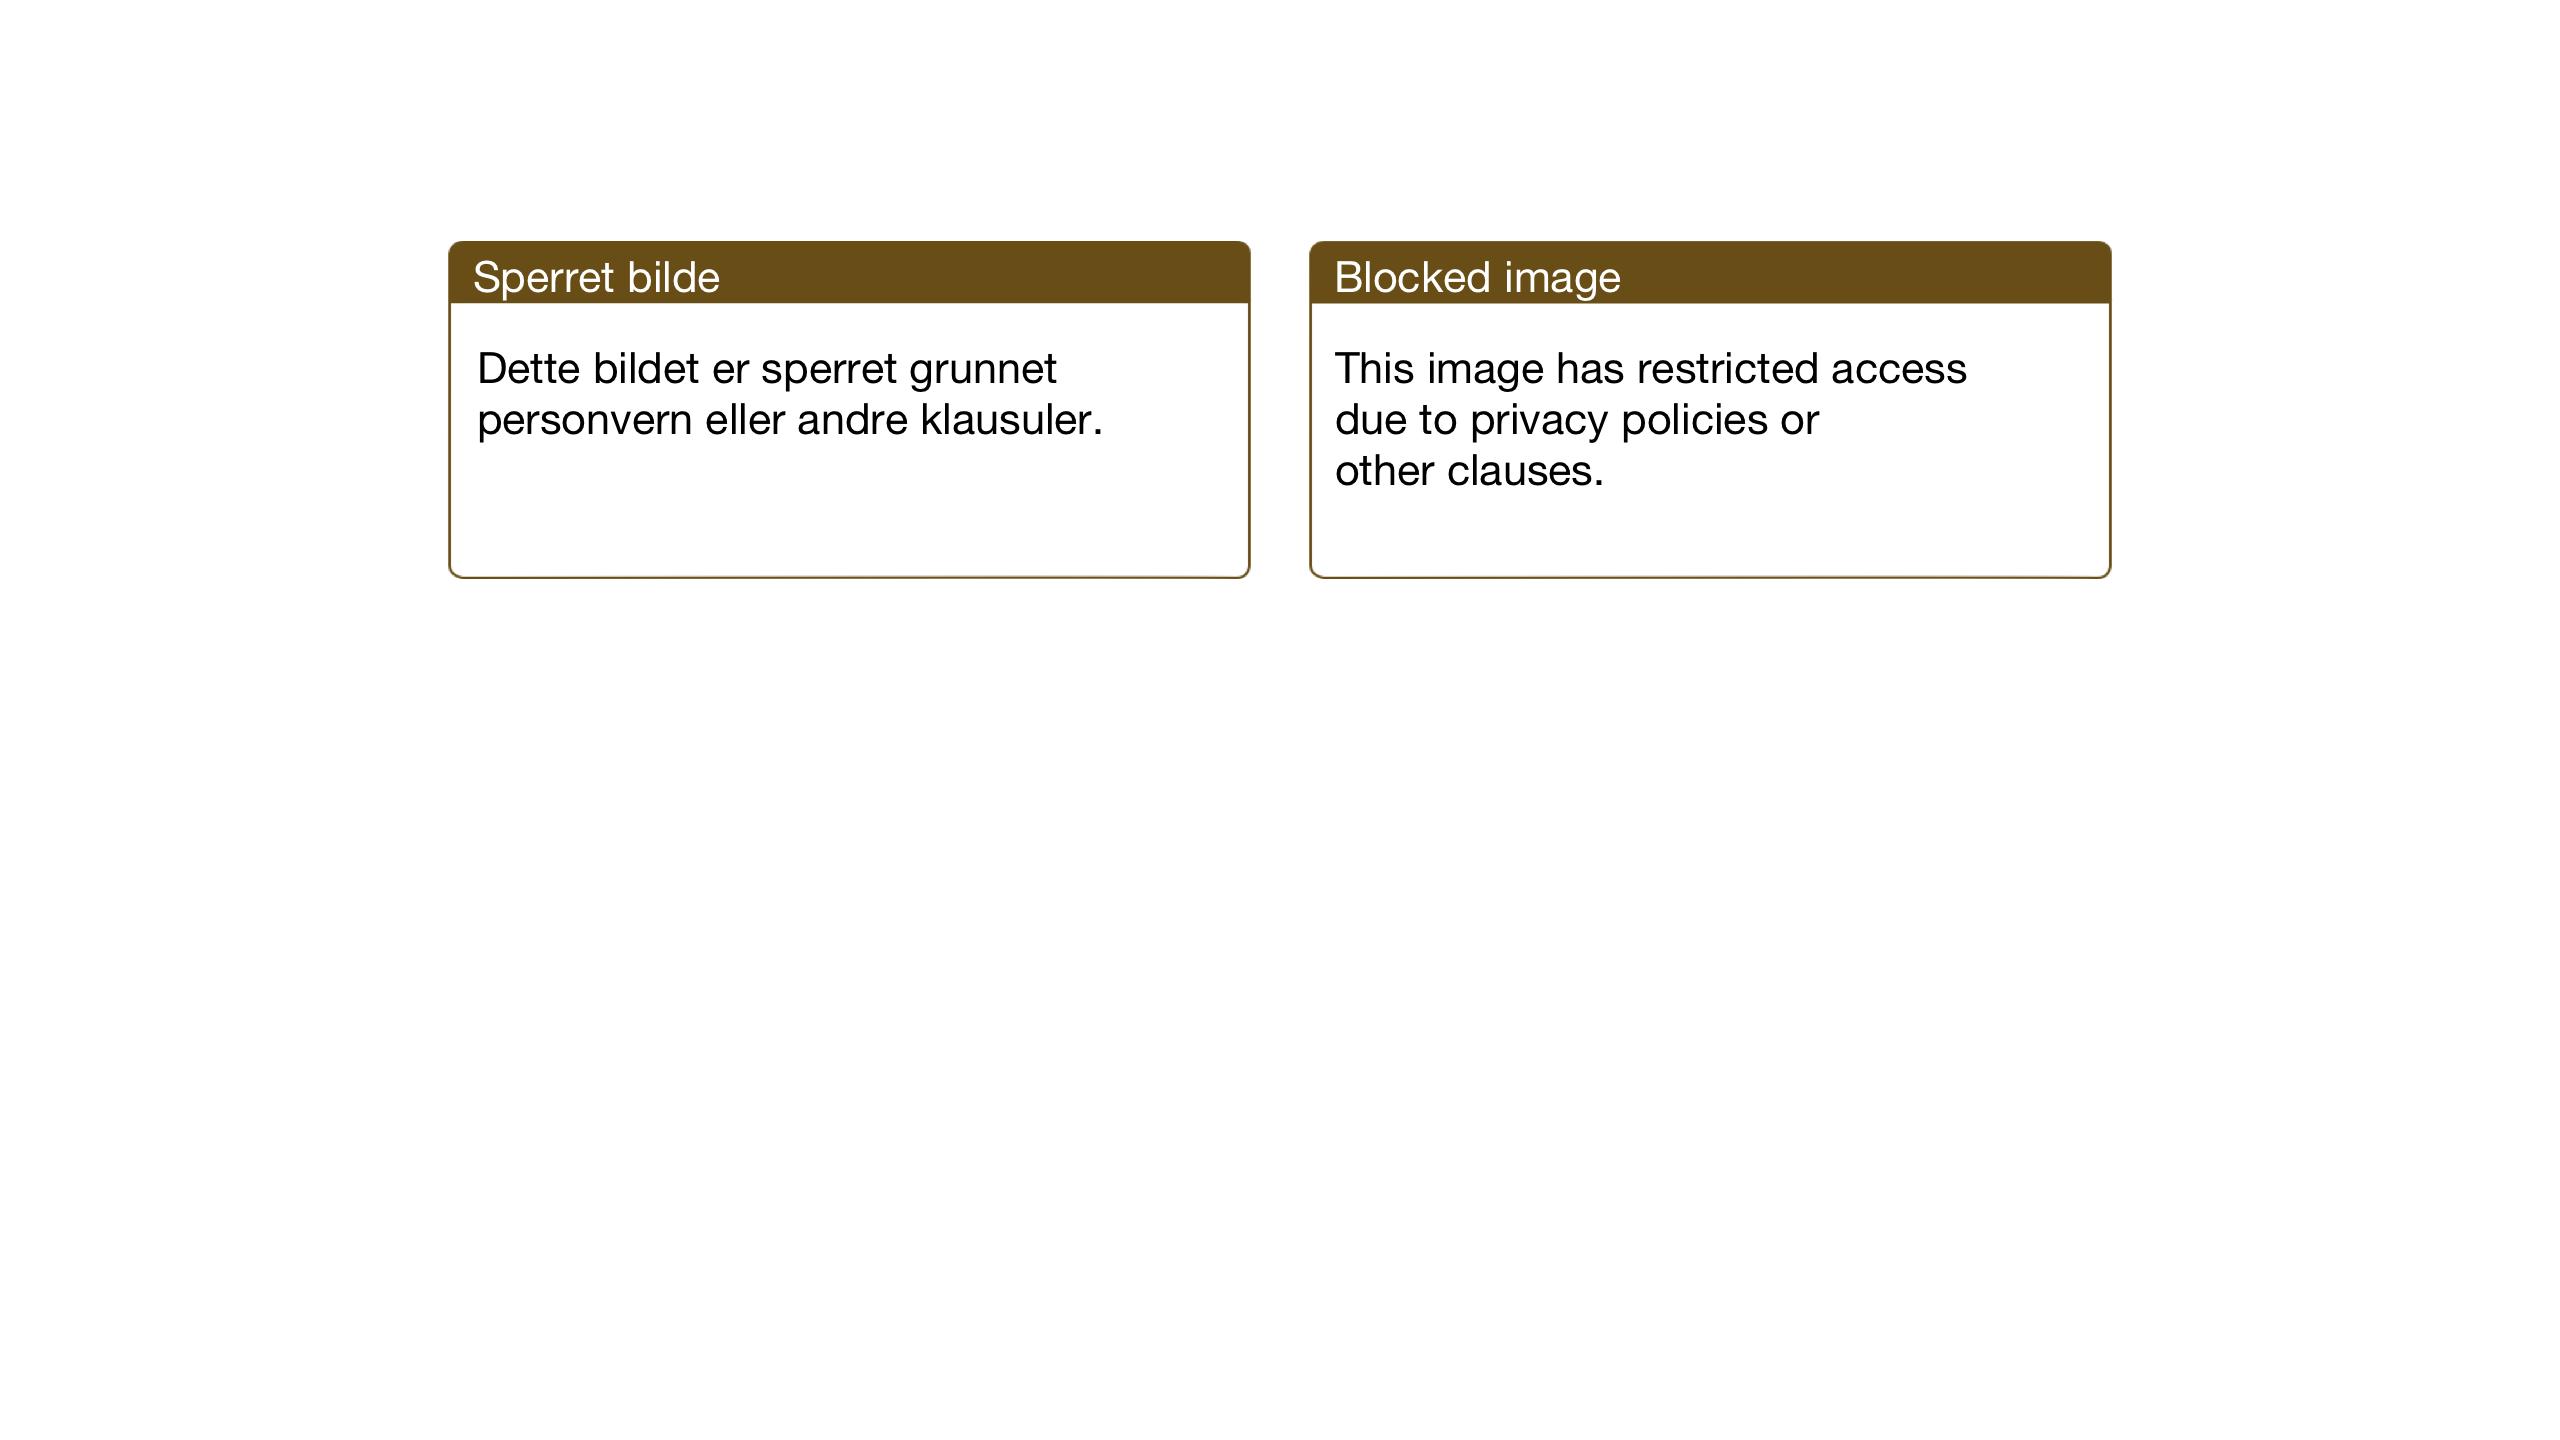 SAT, Ministerialprotokoller, klokkerbøker og fødselsregistre - Sør-Trøndelag, 698/L1169: Klokkerbok nr. 698C06, 1930-1949, s. 89